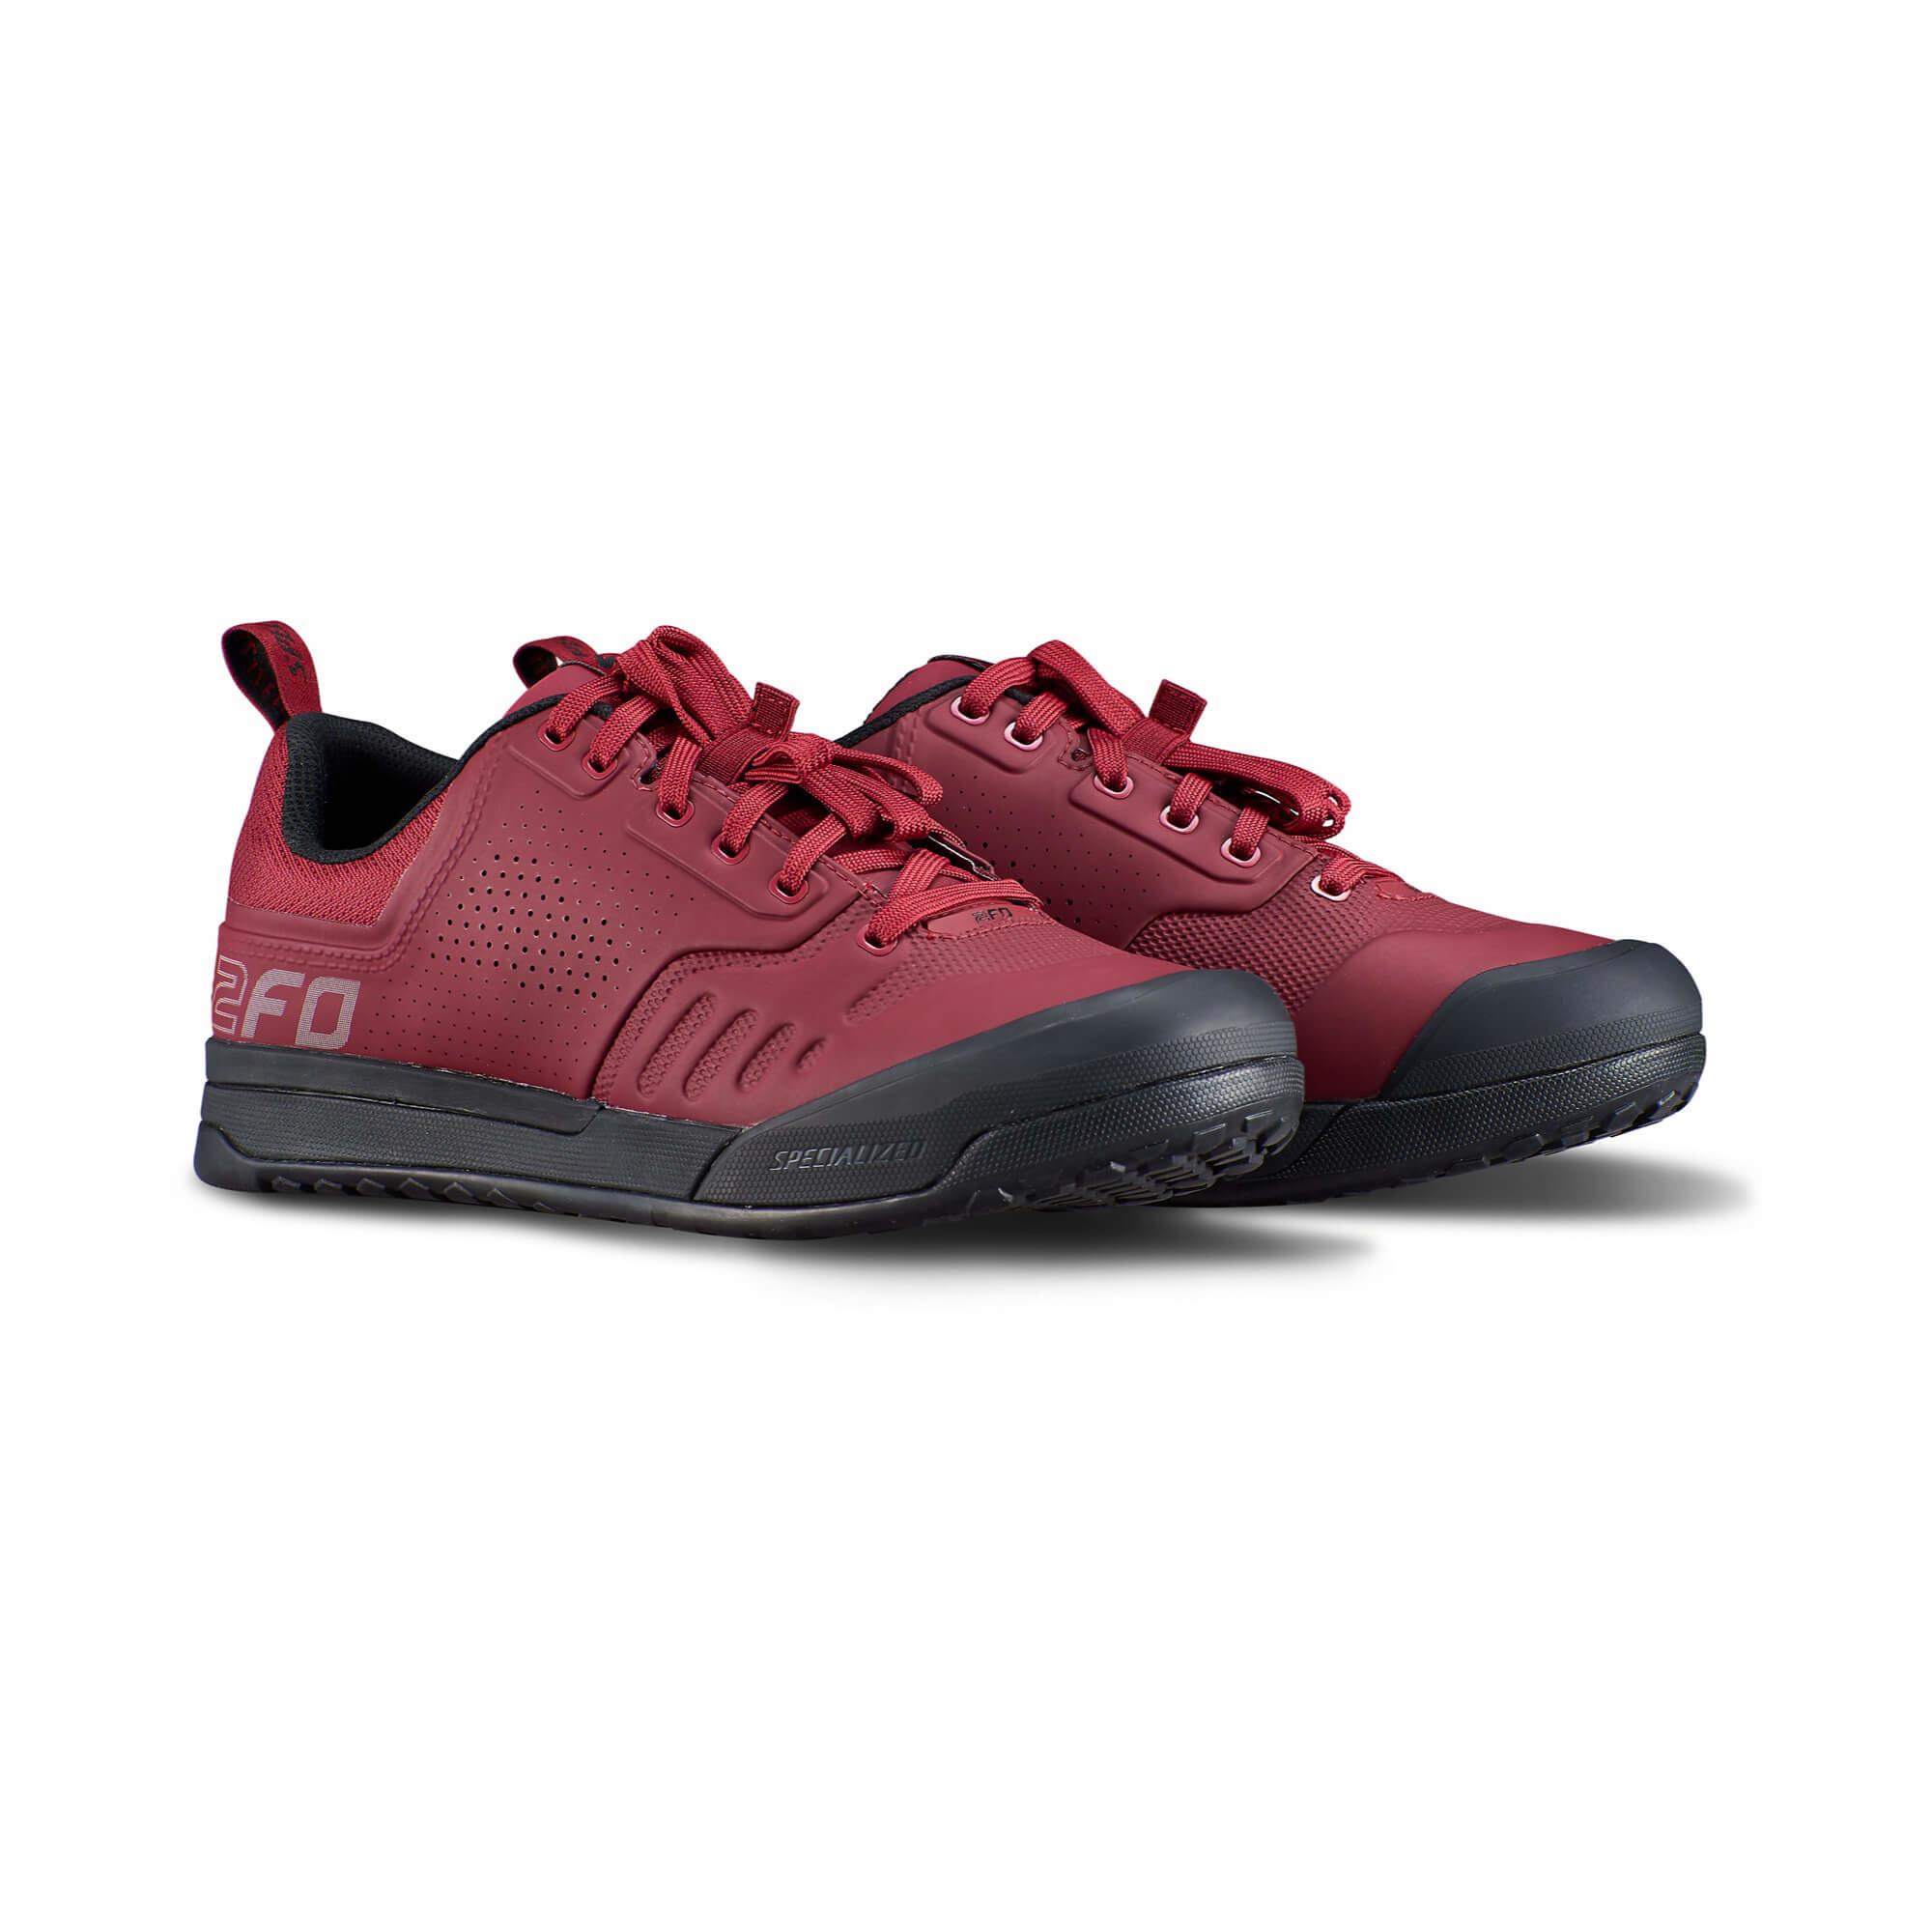 2FO Flat 2.0 MTB Shoe-7